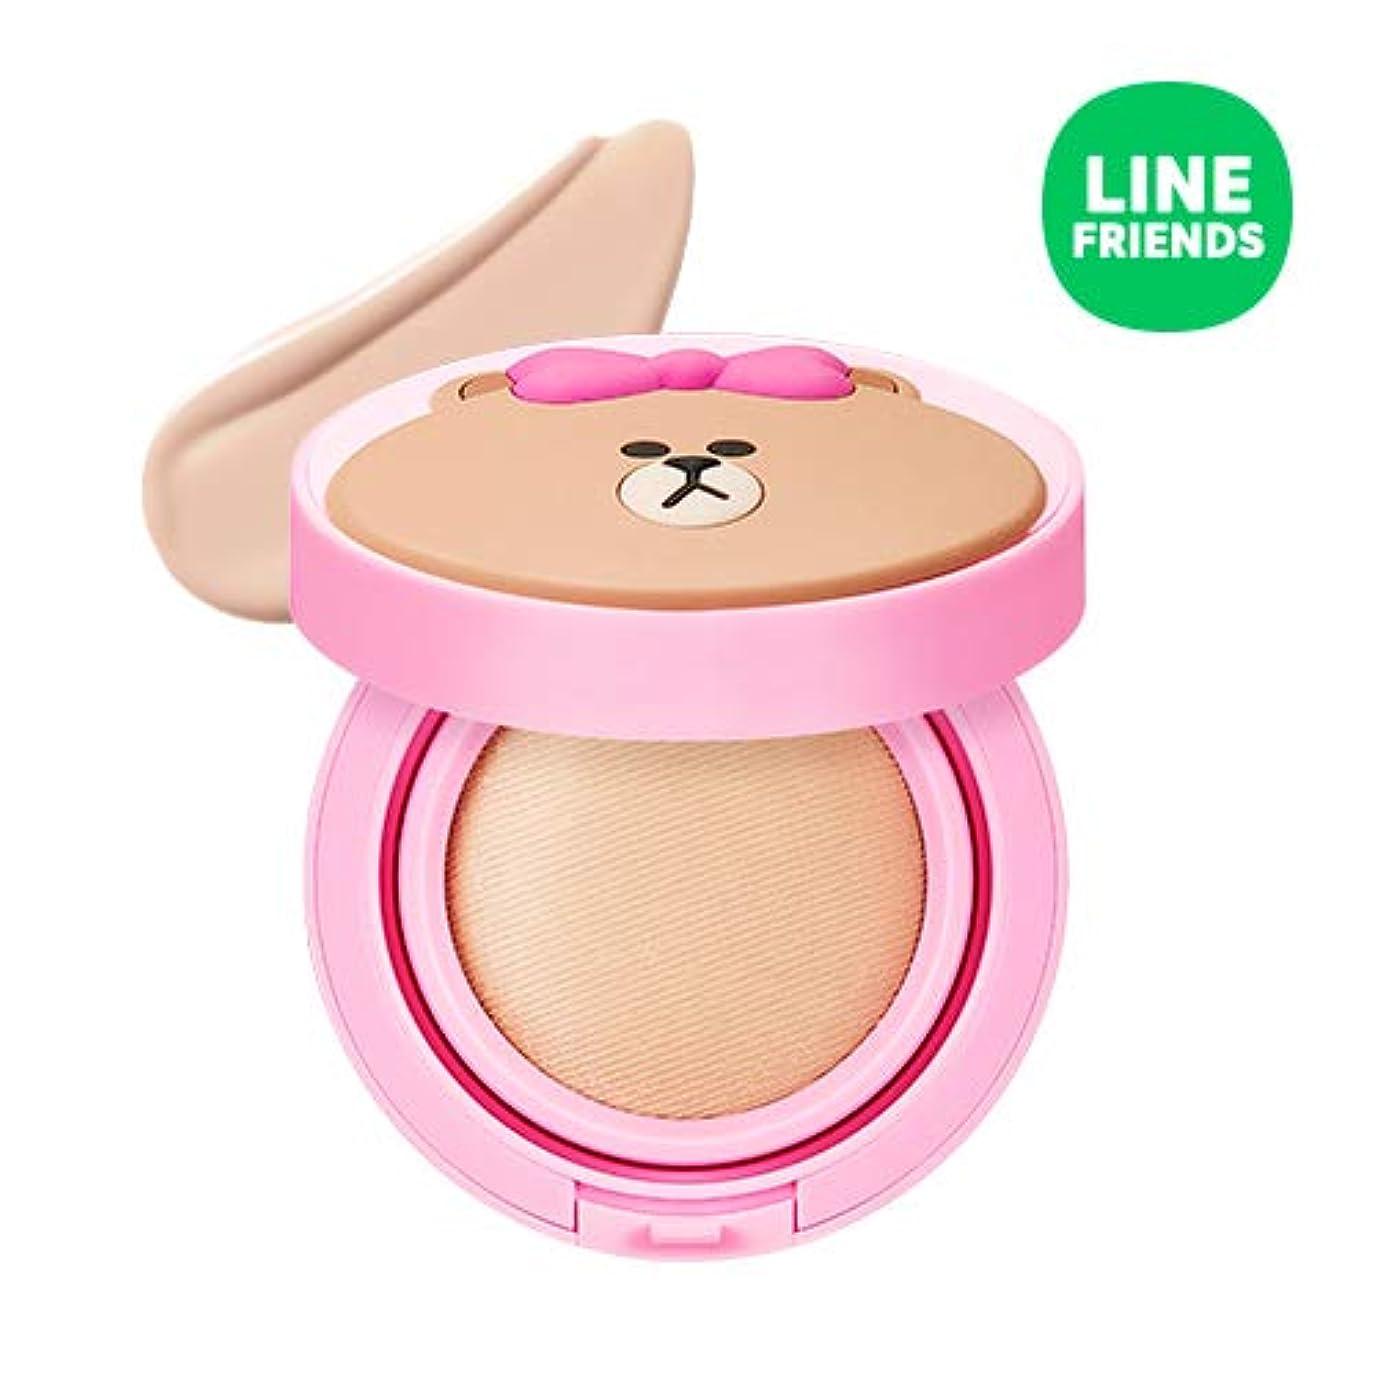 隣人ソファー対処ミシャ(ラインフレンズ)グローテンション15g / MISSHA [Line Friends Edition] Glow Tension SPF50 PA+++ #Fair(Pink tone No.21) [並行輸入品]